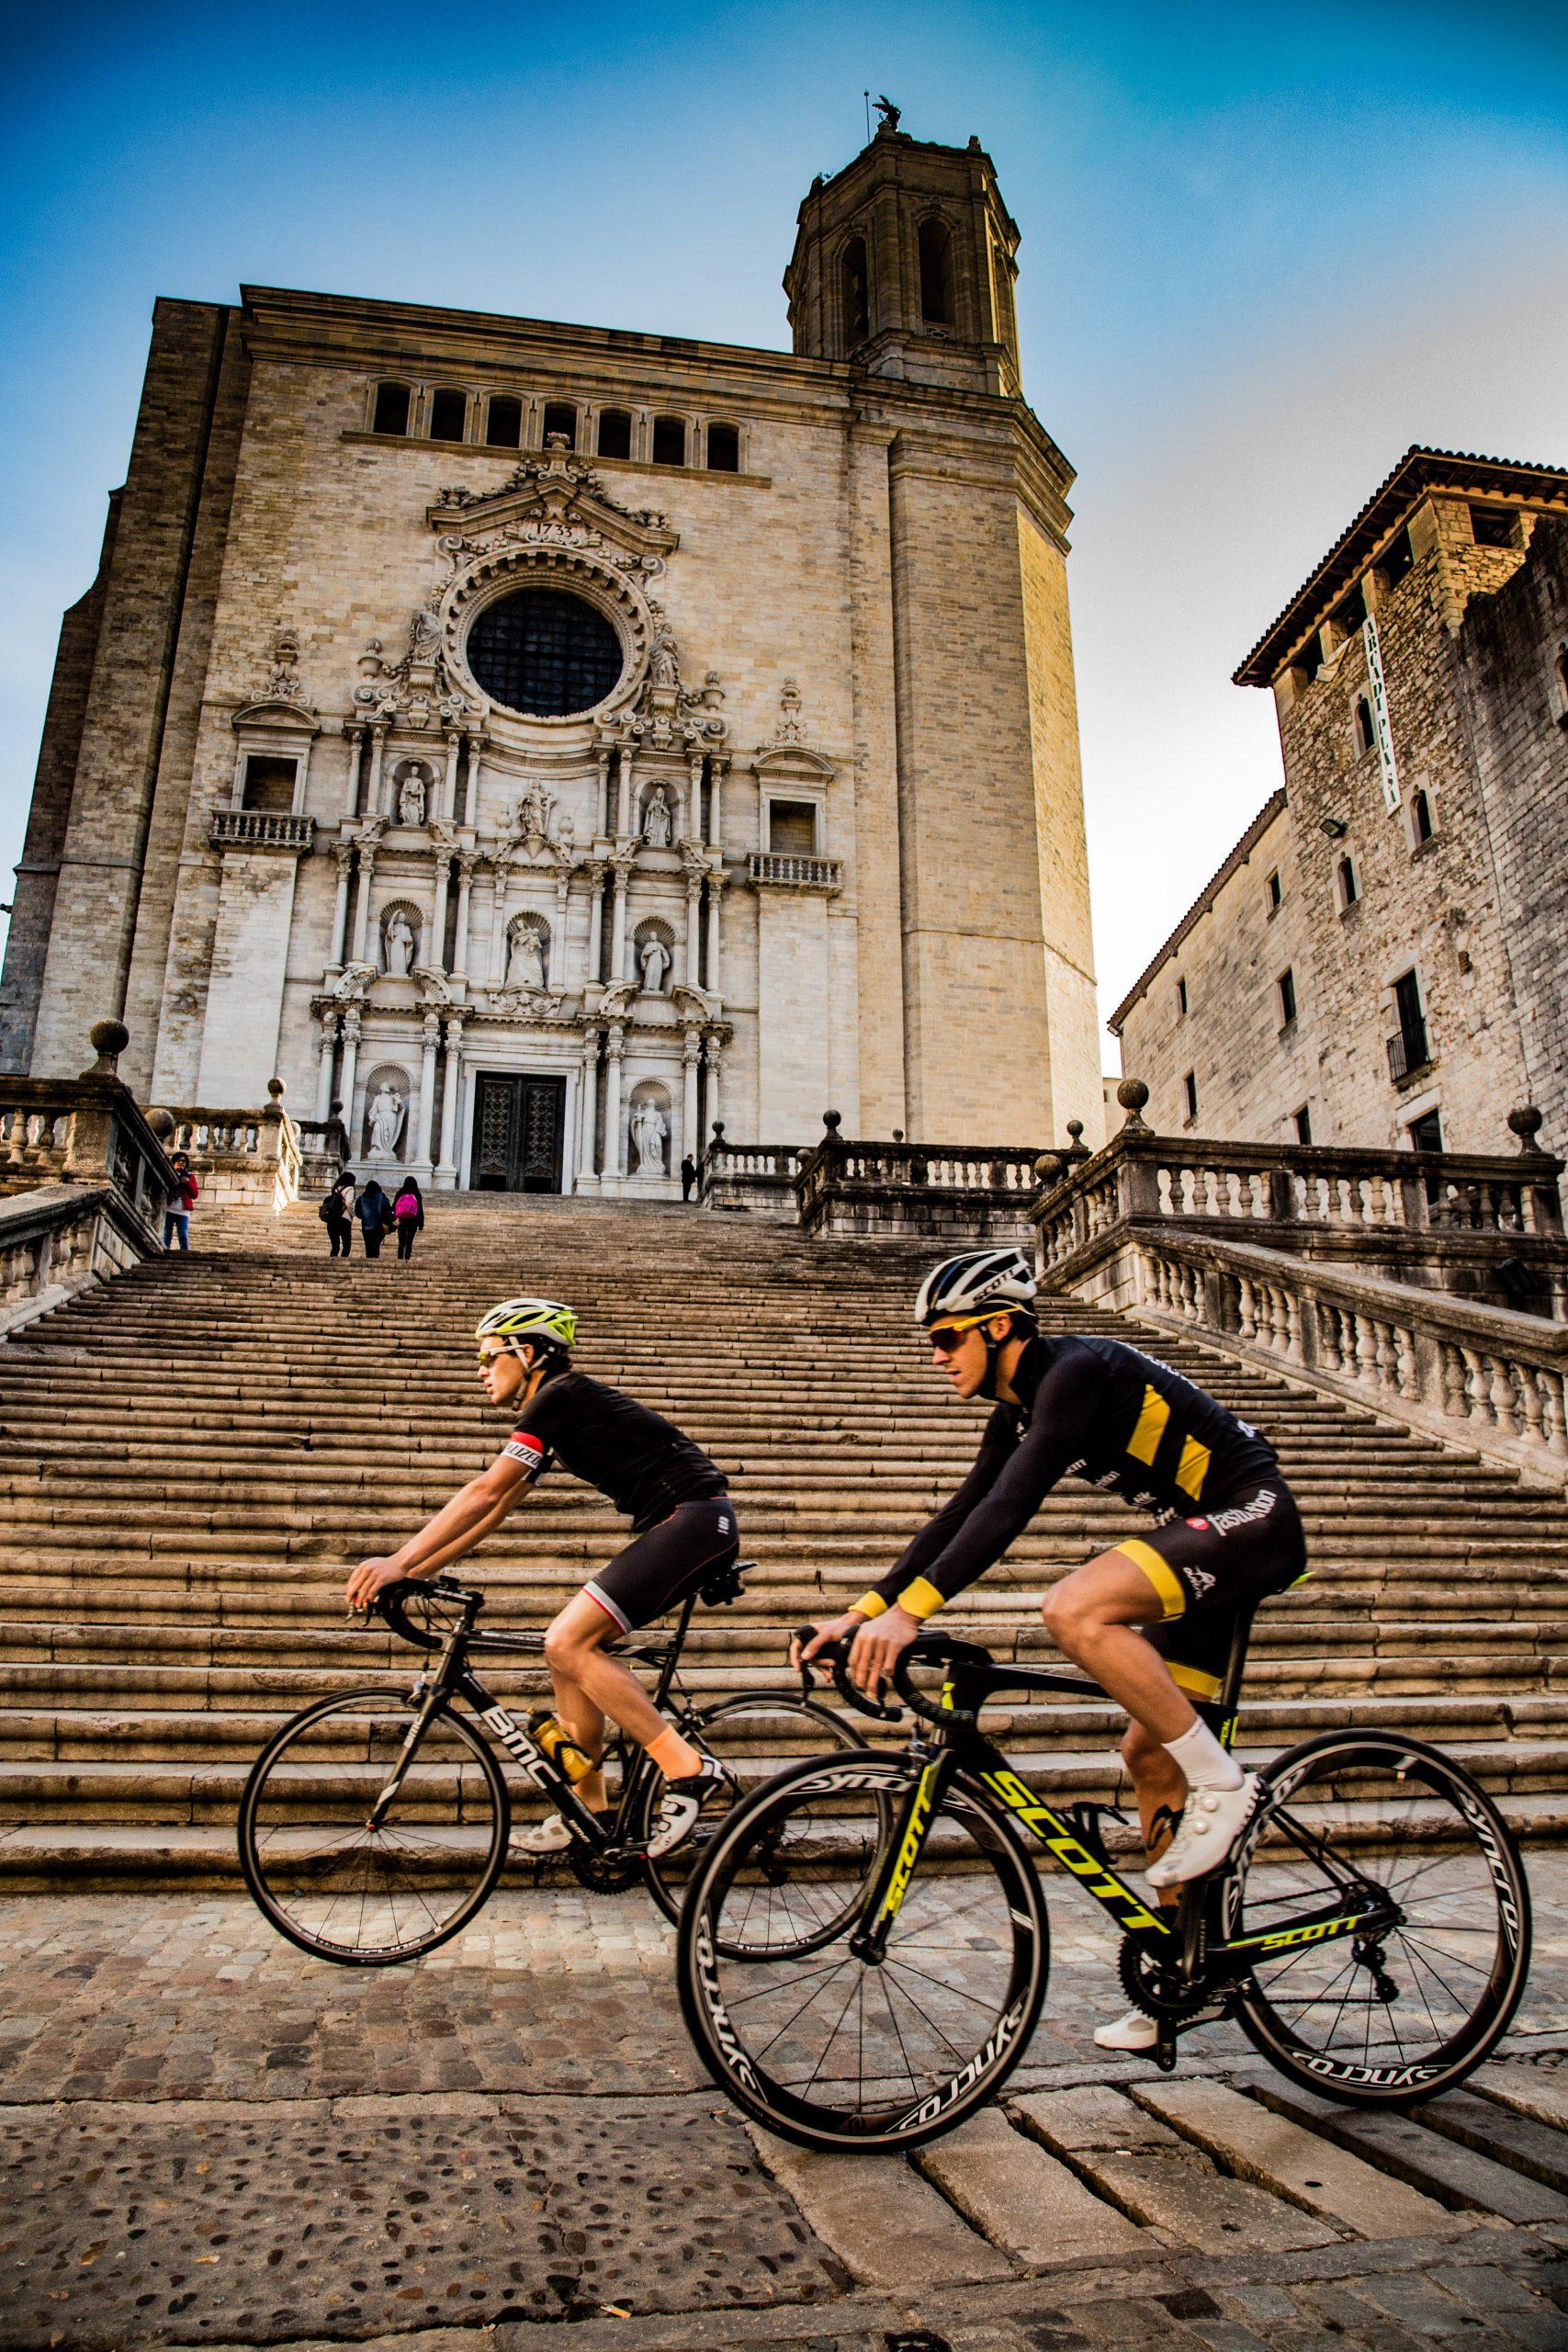 CICLOTURISMO. Costa Brava y Pirineo de Girona, el destino cicloturista más deseado del sur de Europa